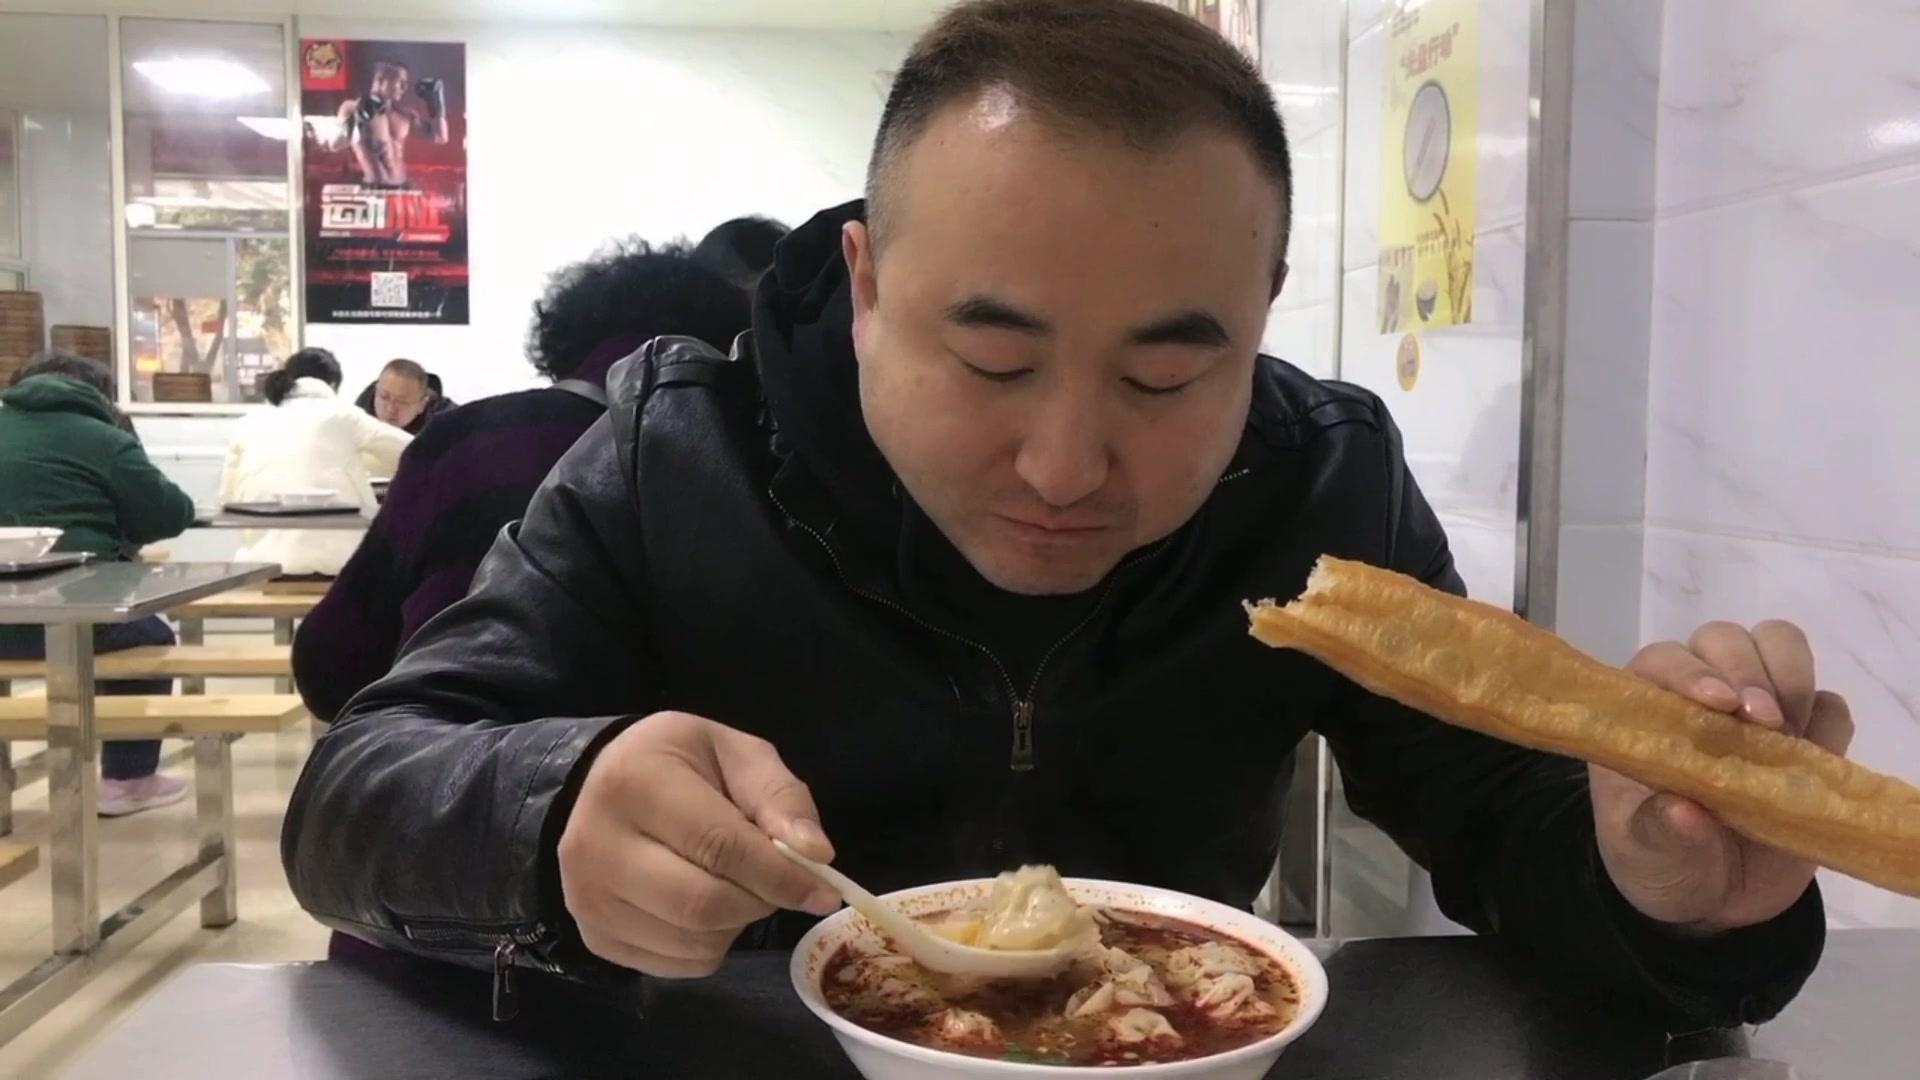 尋找南京小巷里的美食,36年老店汪家餛飩,南京餛飩屆的傳奇_嗶哩嗶哩 (゜-゜)つロ 干杯~-bilibili